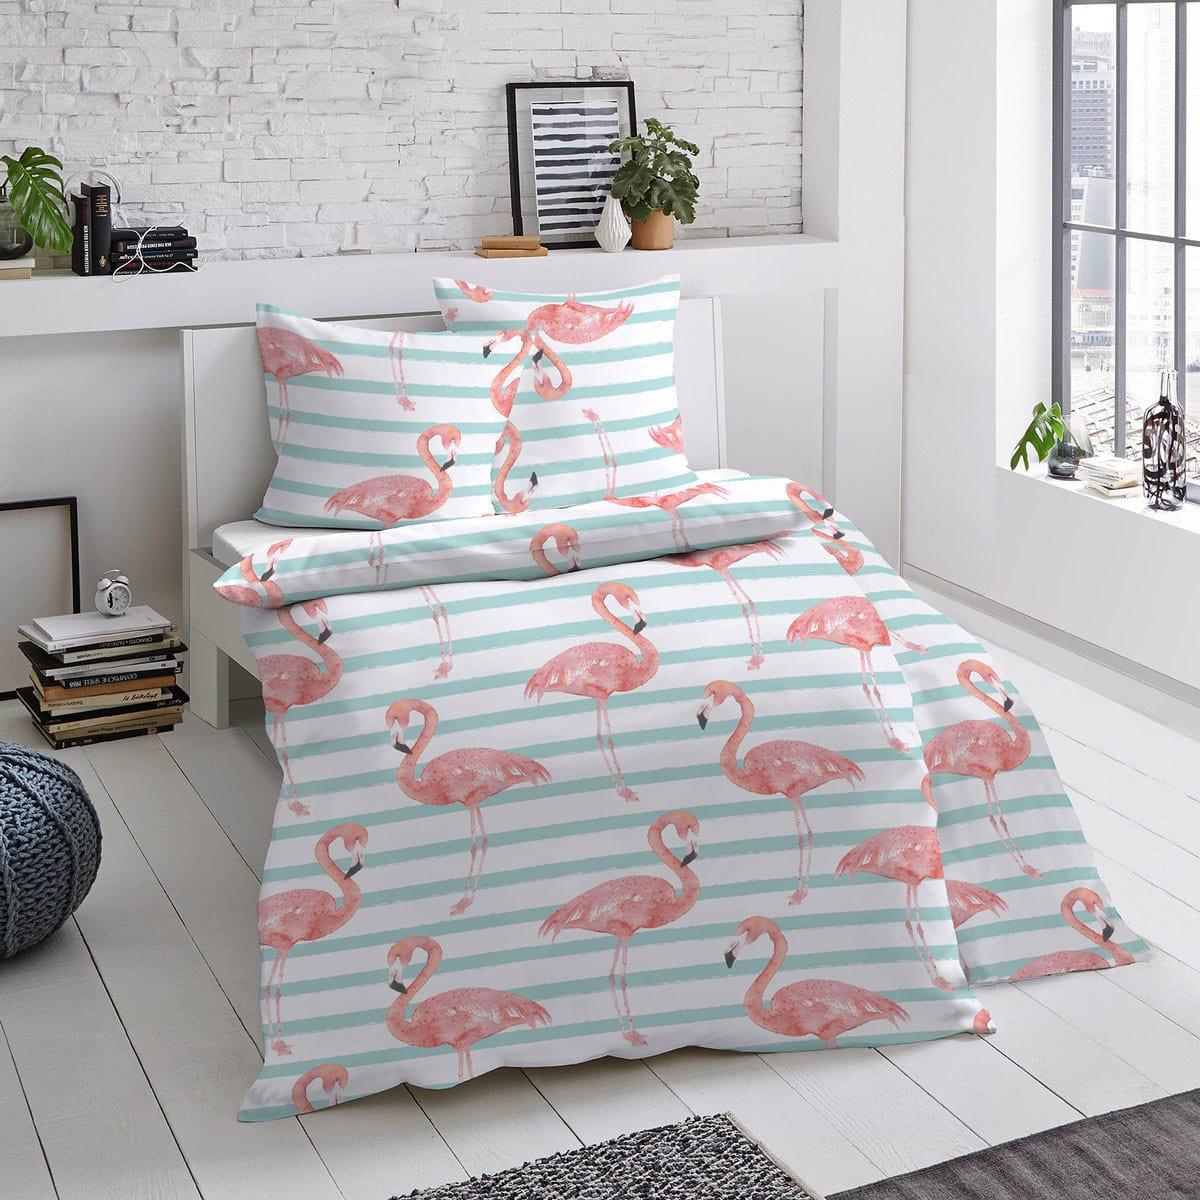 Dormisette Mako-Satin Bettwäsche Flamingo